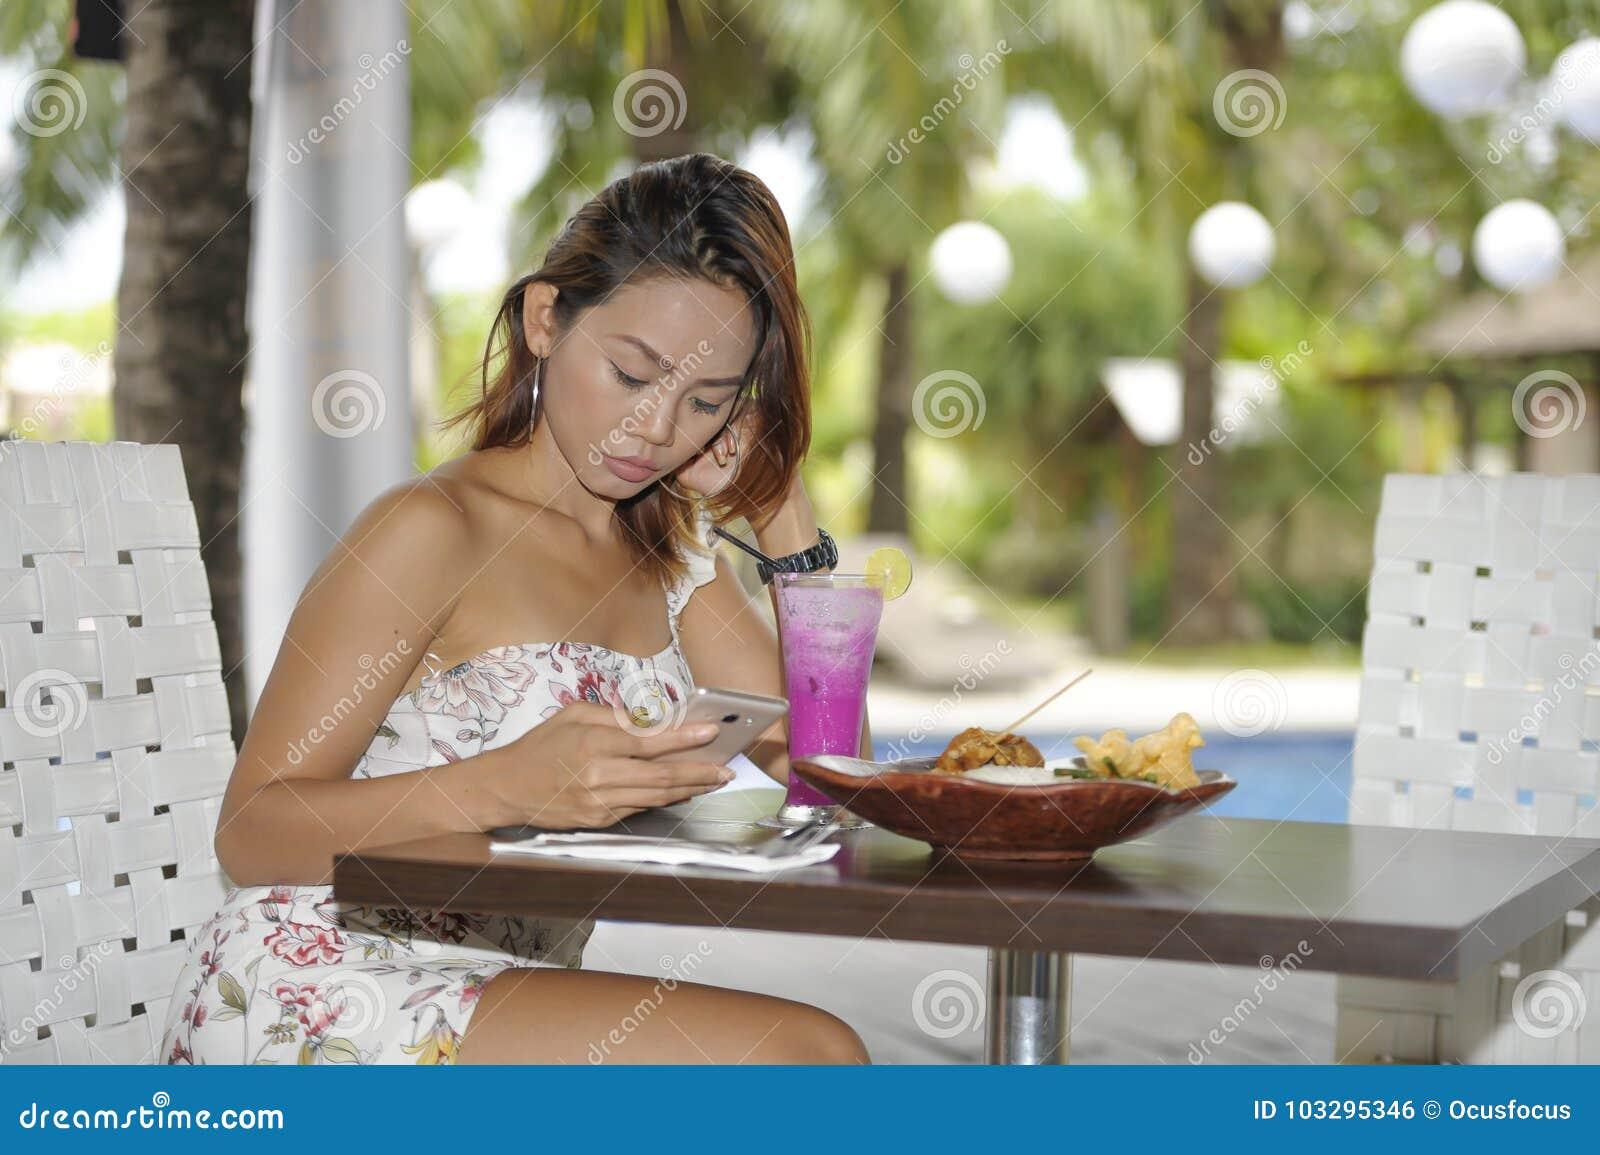 online dating lunch hook up met definitie